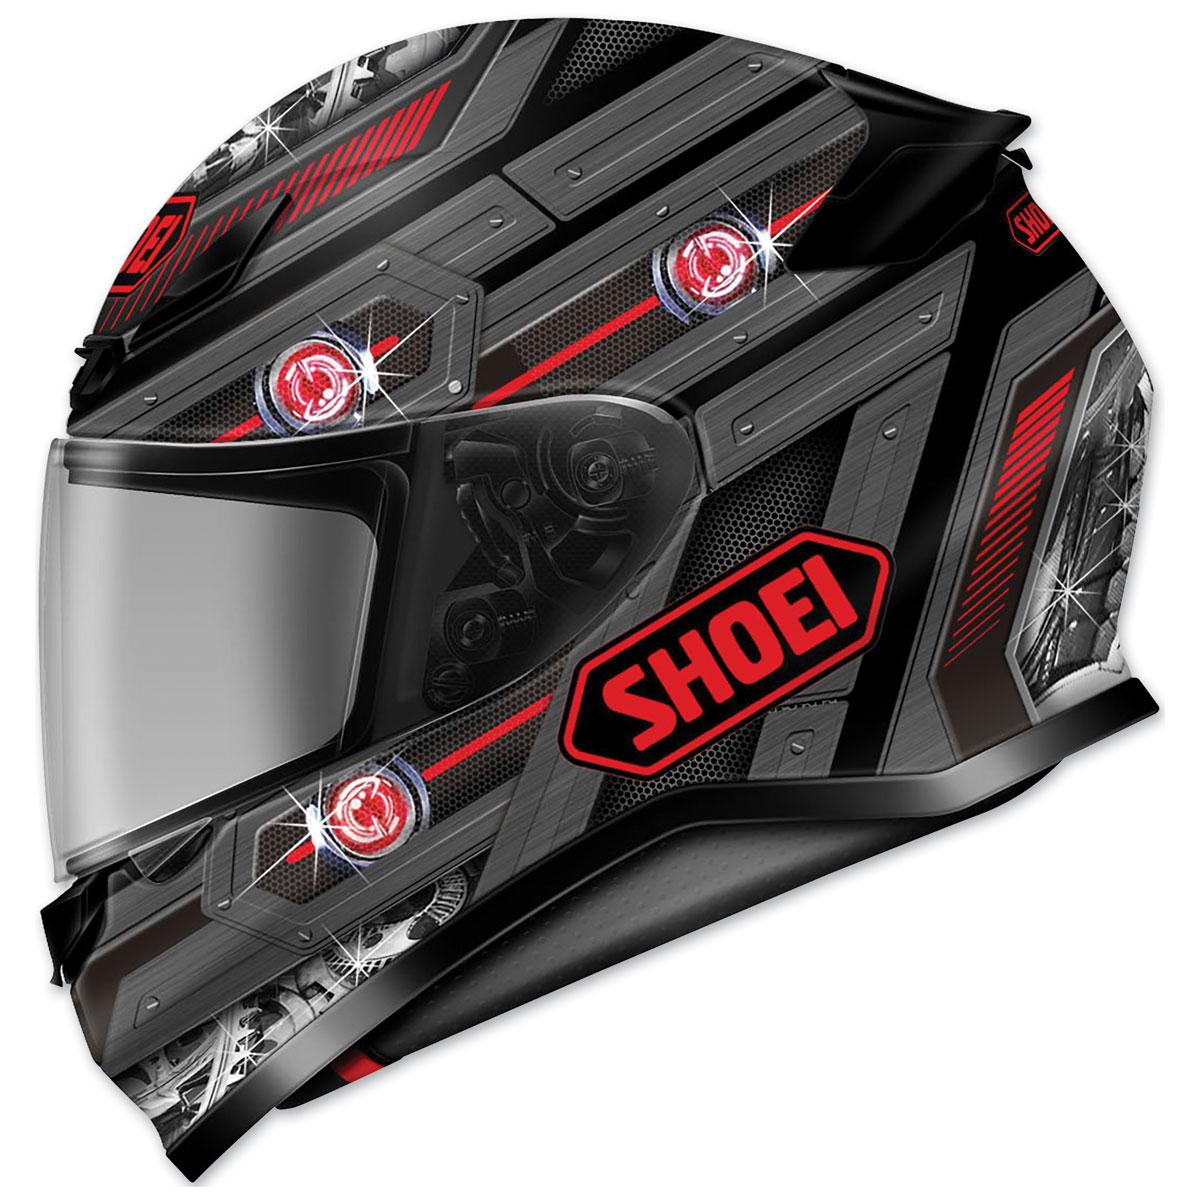 Shoei RF-1200 Trooper Matte Black/Gray/Red Full Face Helmet